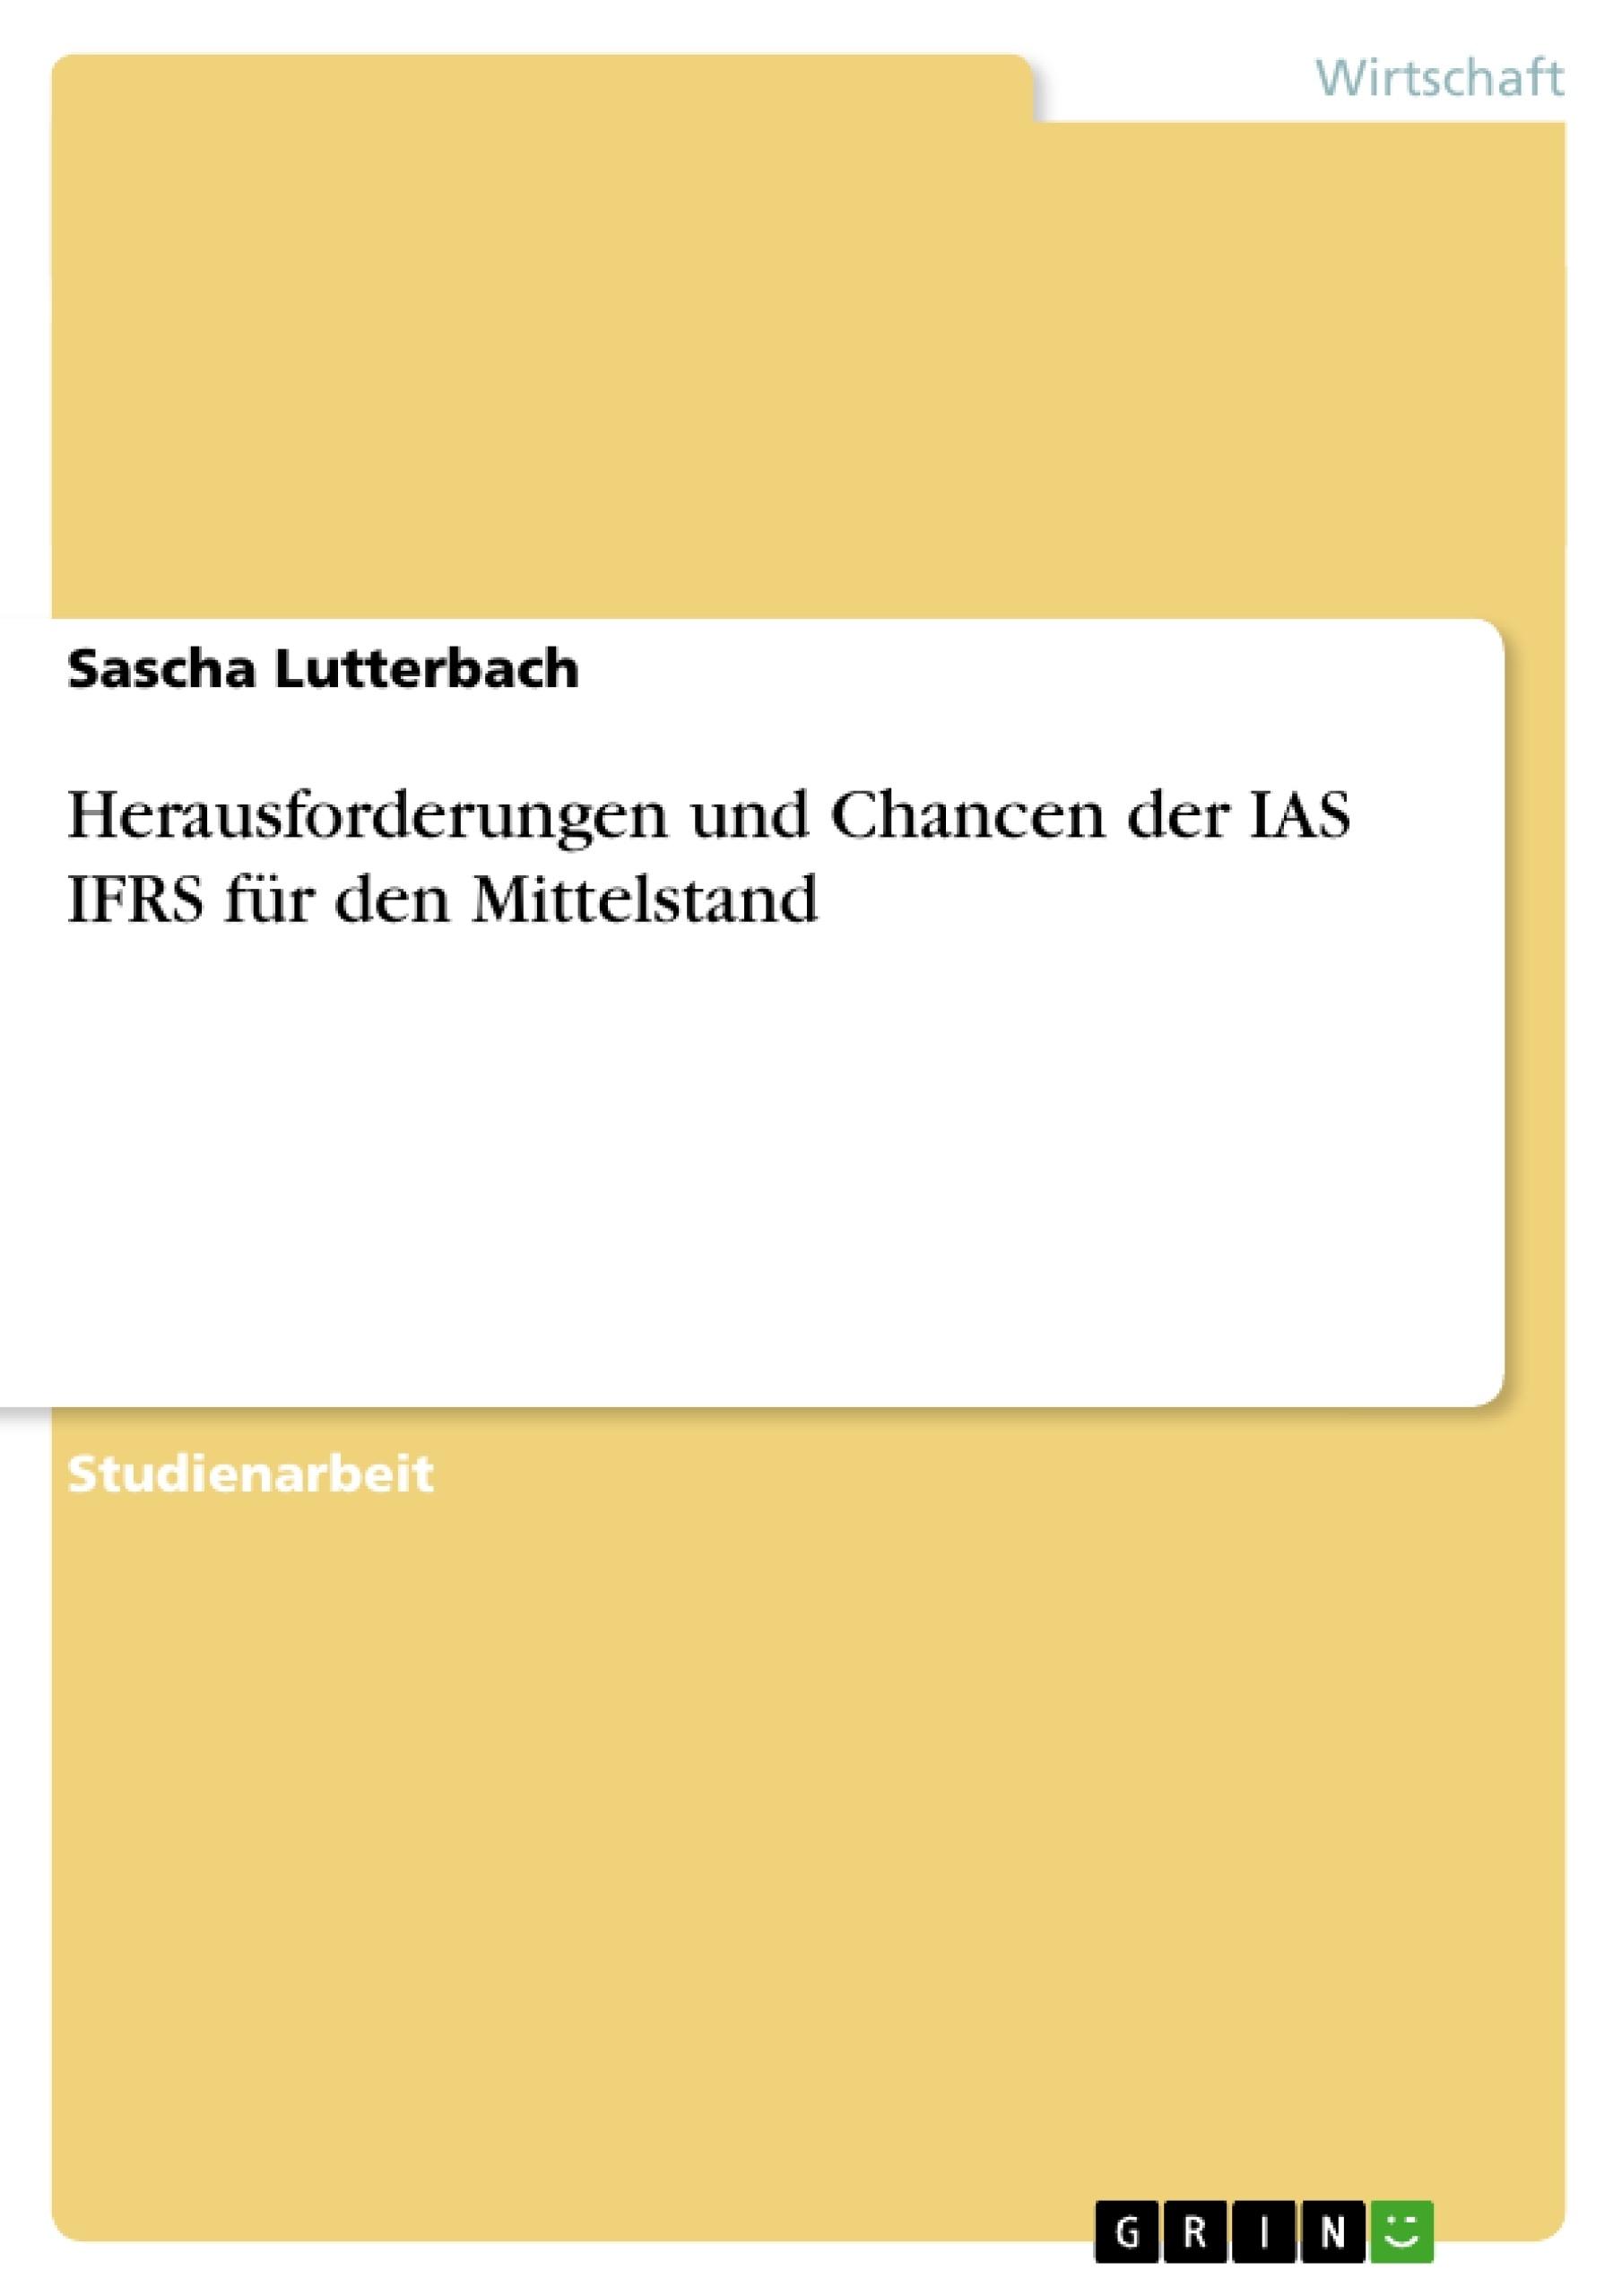 Titel: Herausforderungen und Chancen der IAS IFRS für den Mittelstand